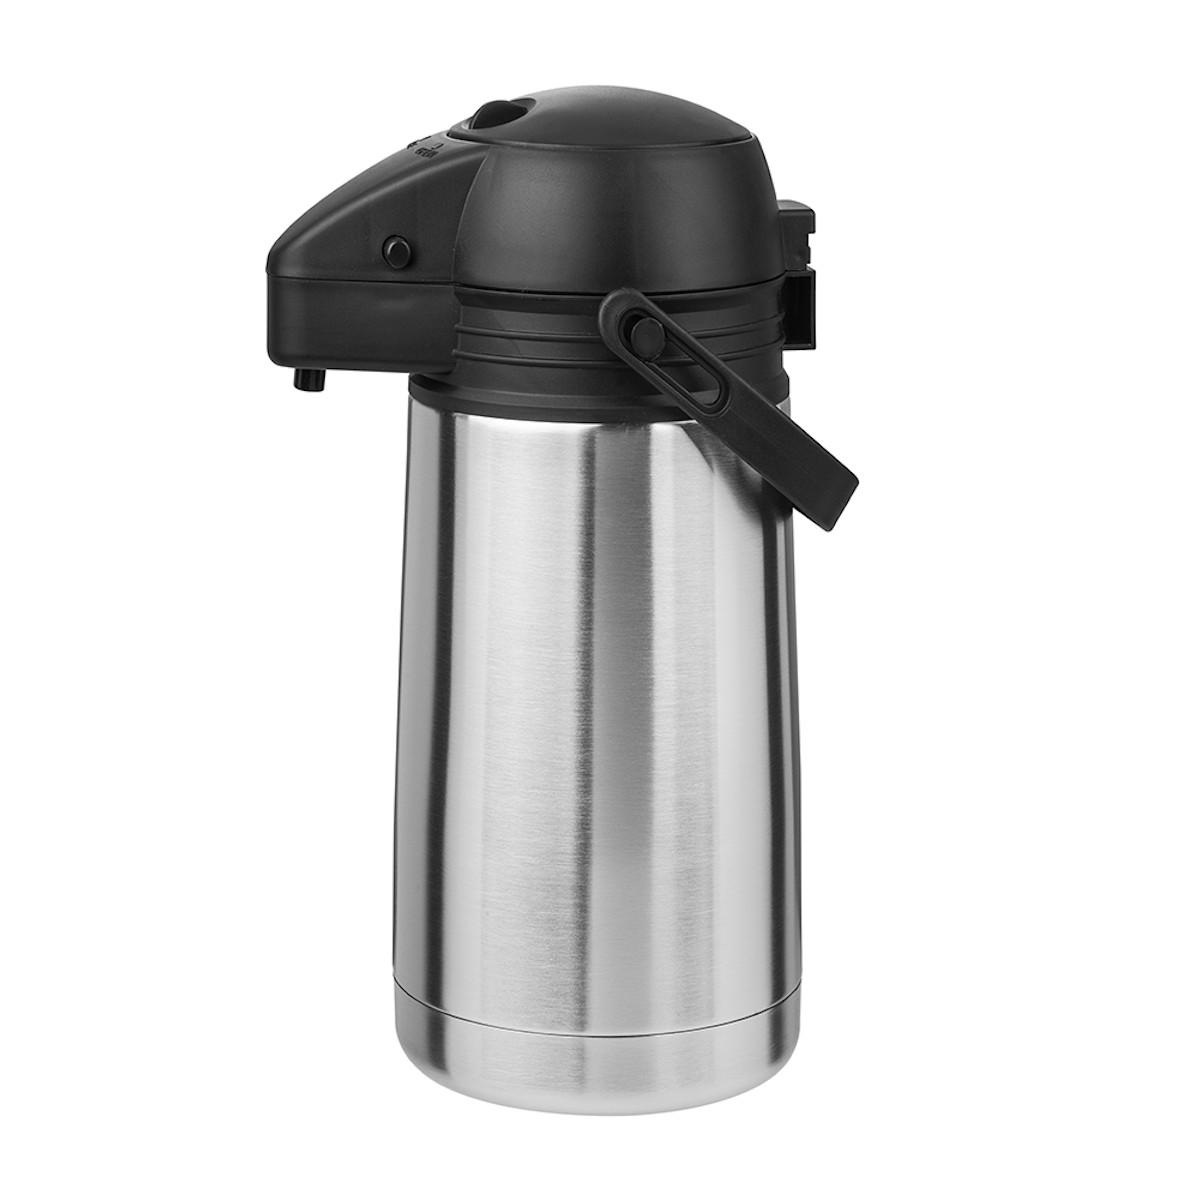 Garrafa Térmica de Pressão p/ Café Chá Leite Inox Airpot 1.9L TP6543 - Termopro